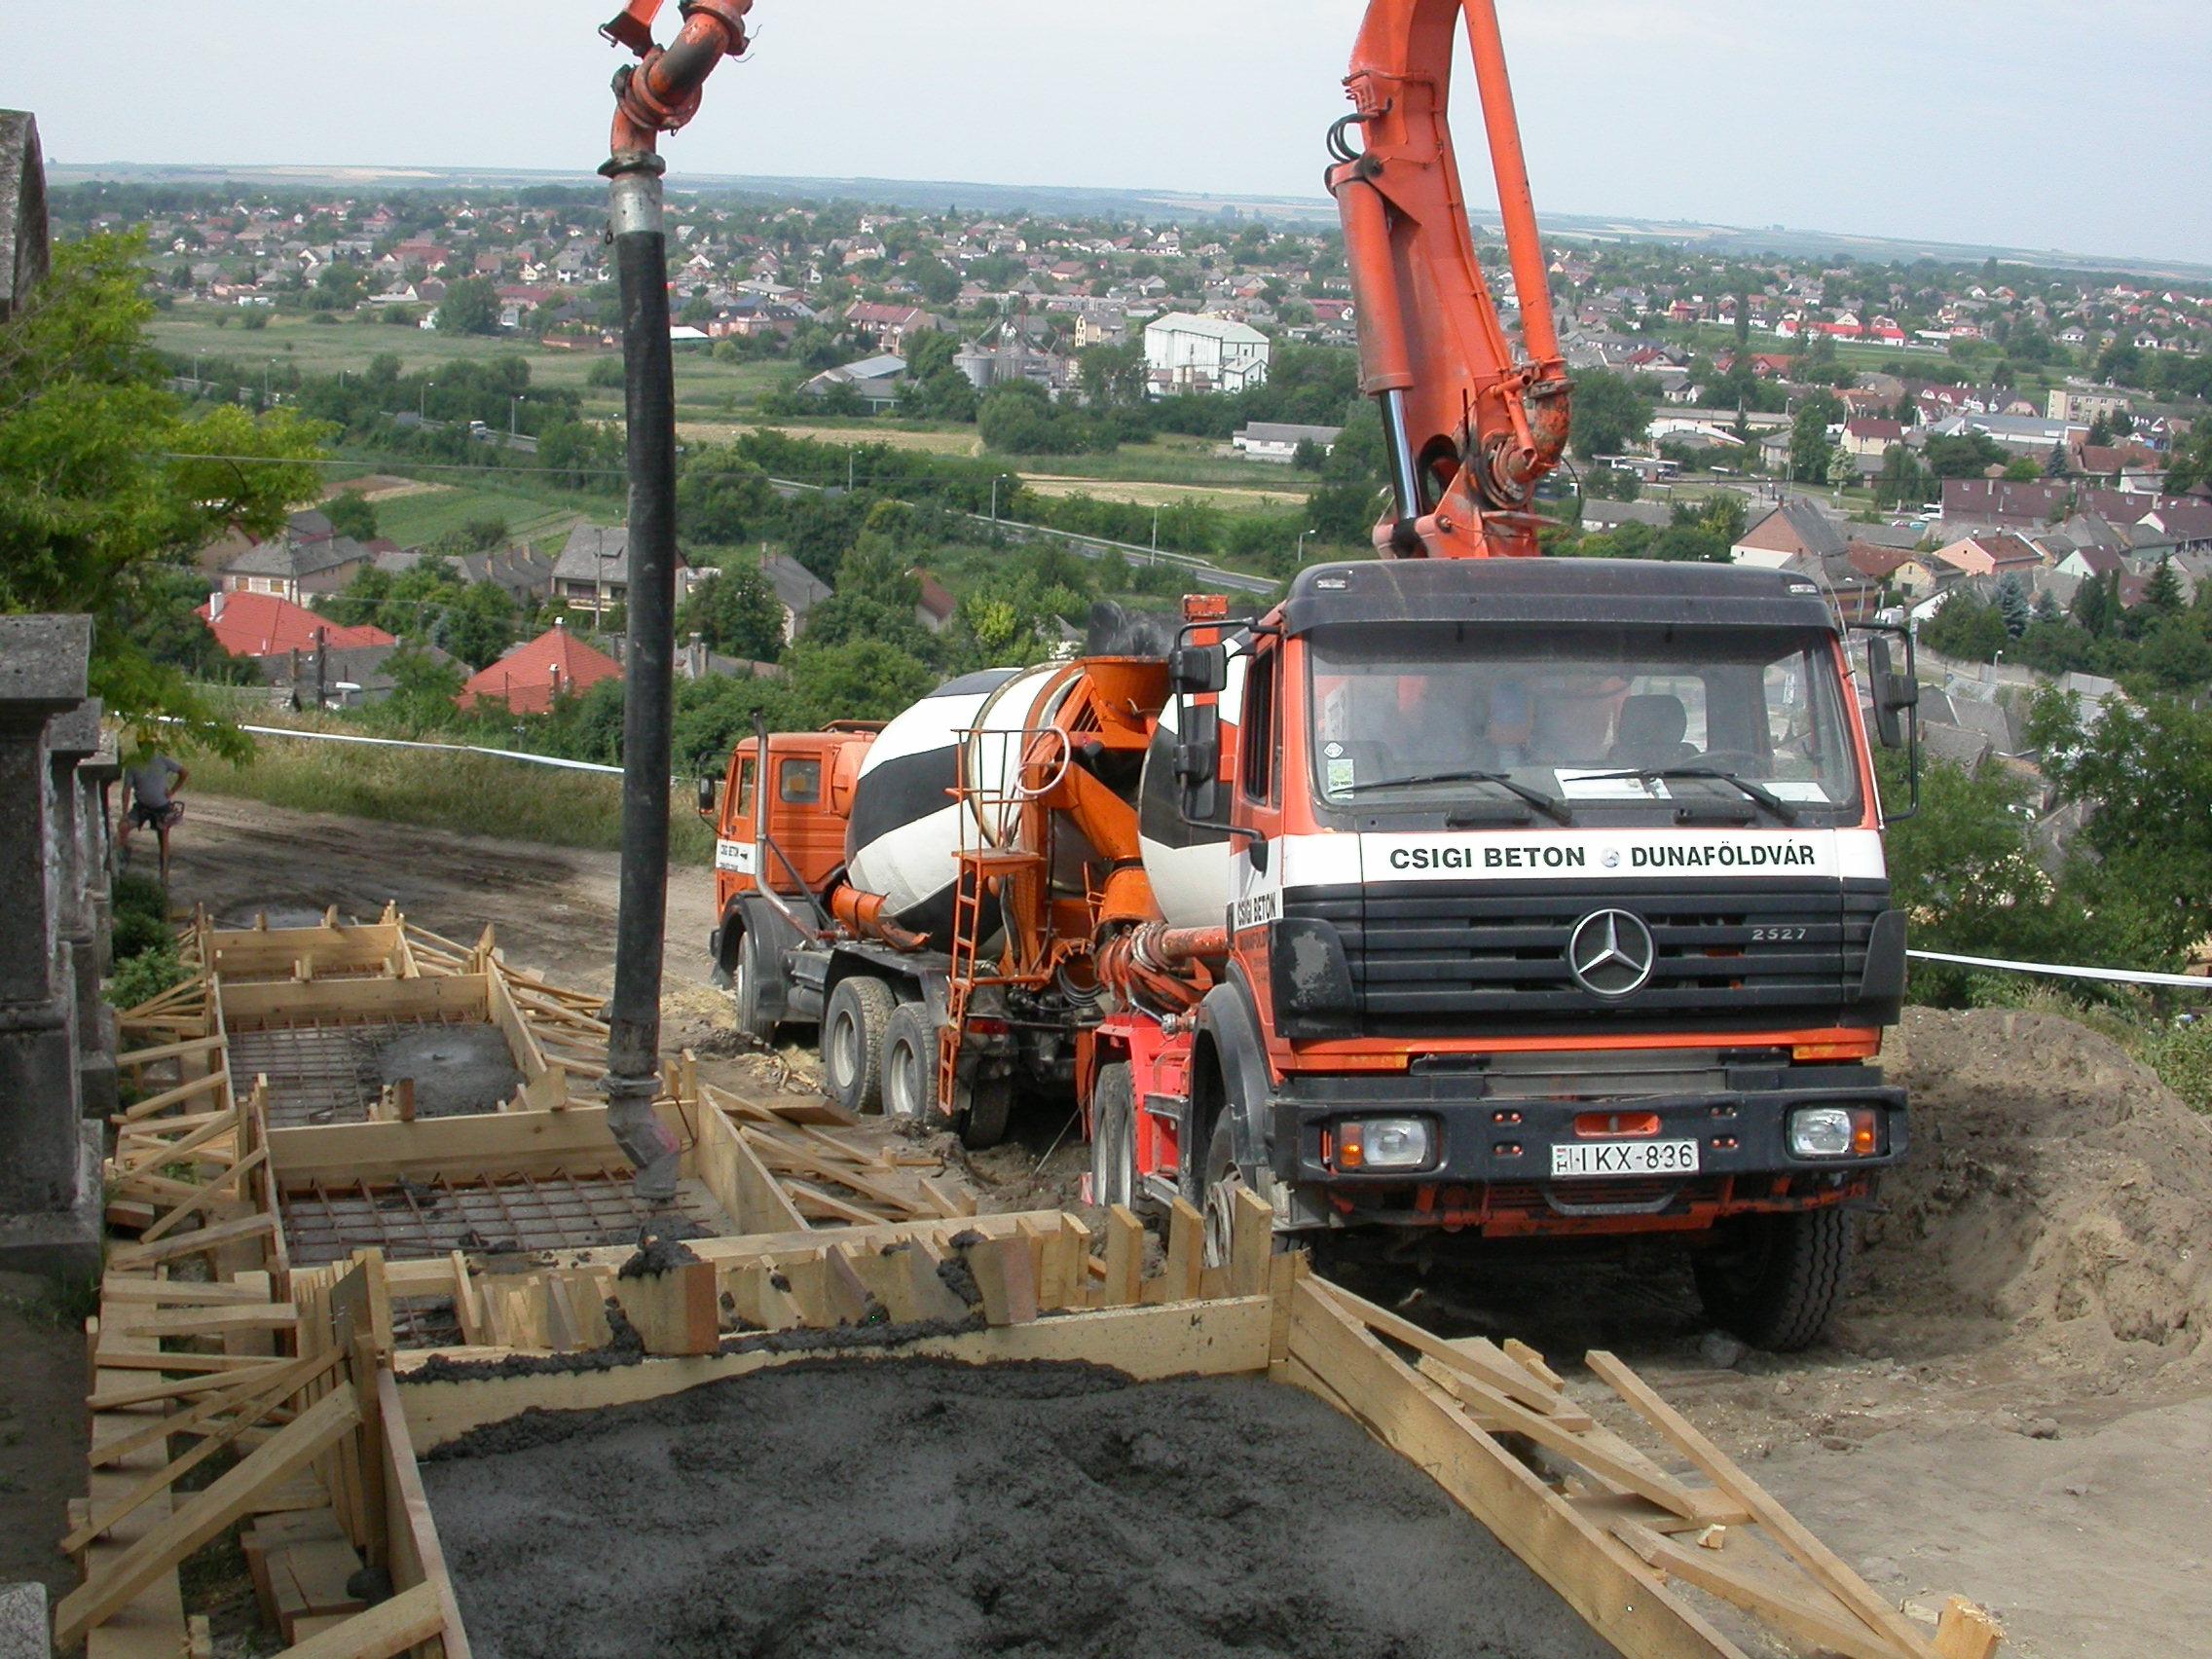 Betonszállítás és pumpálás